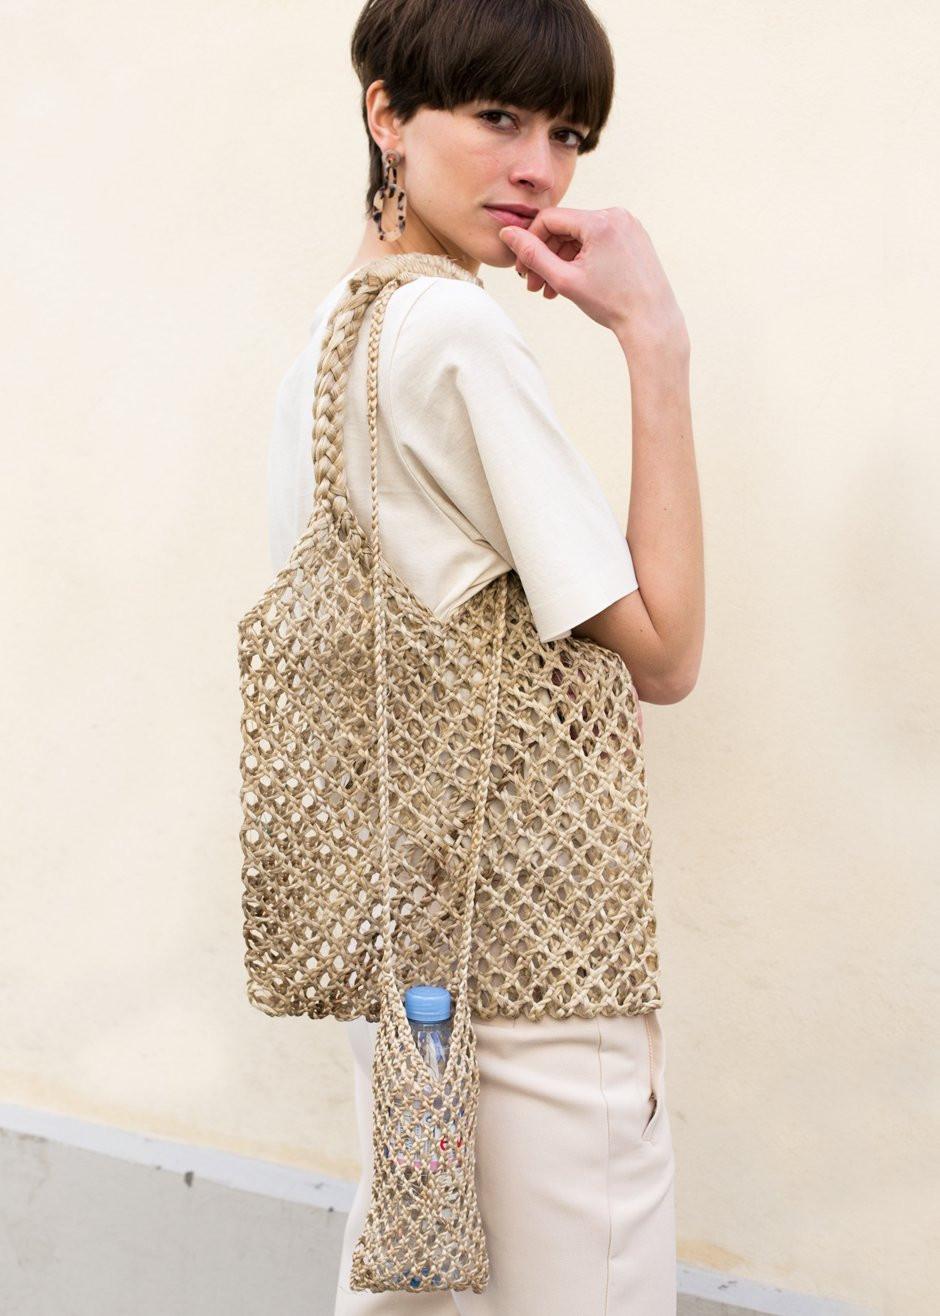 Straw Braided Net Bag & Bottle Holder $58